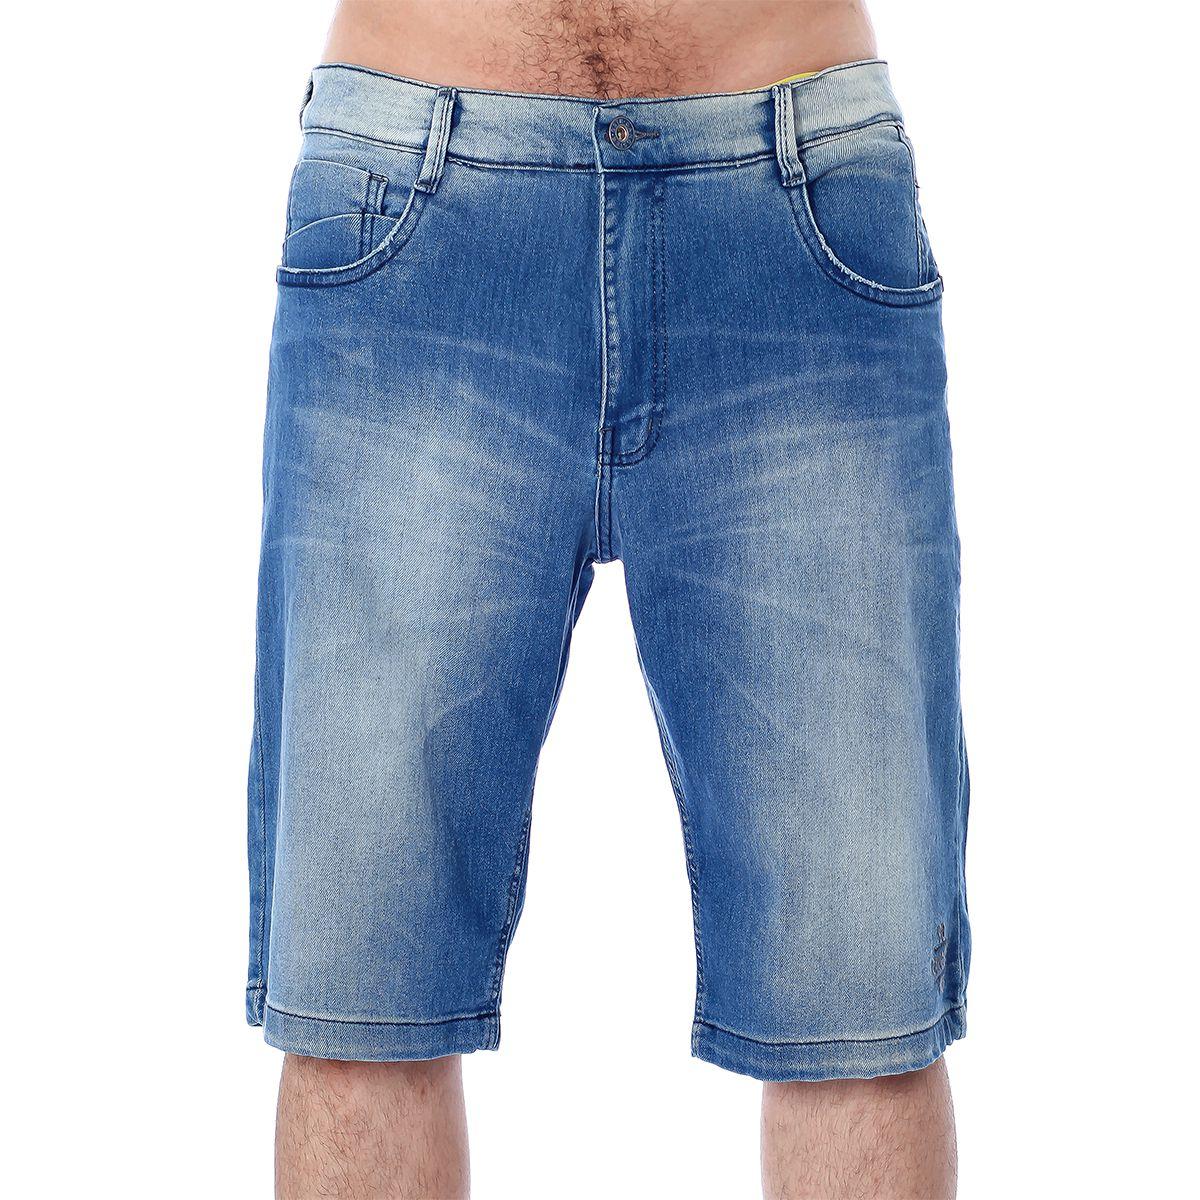 Bermunda Masculina Jeans Gangster 17.31.0300